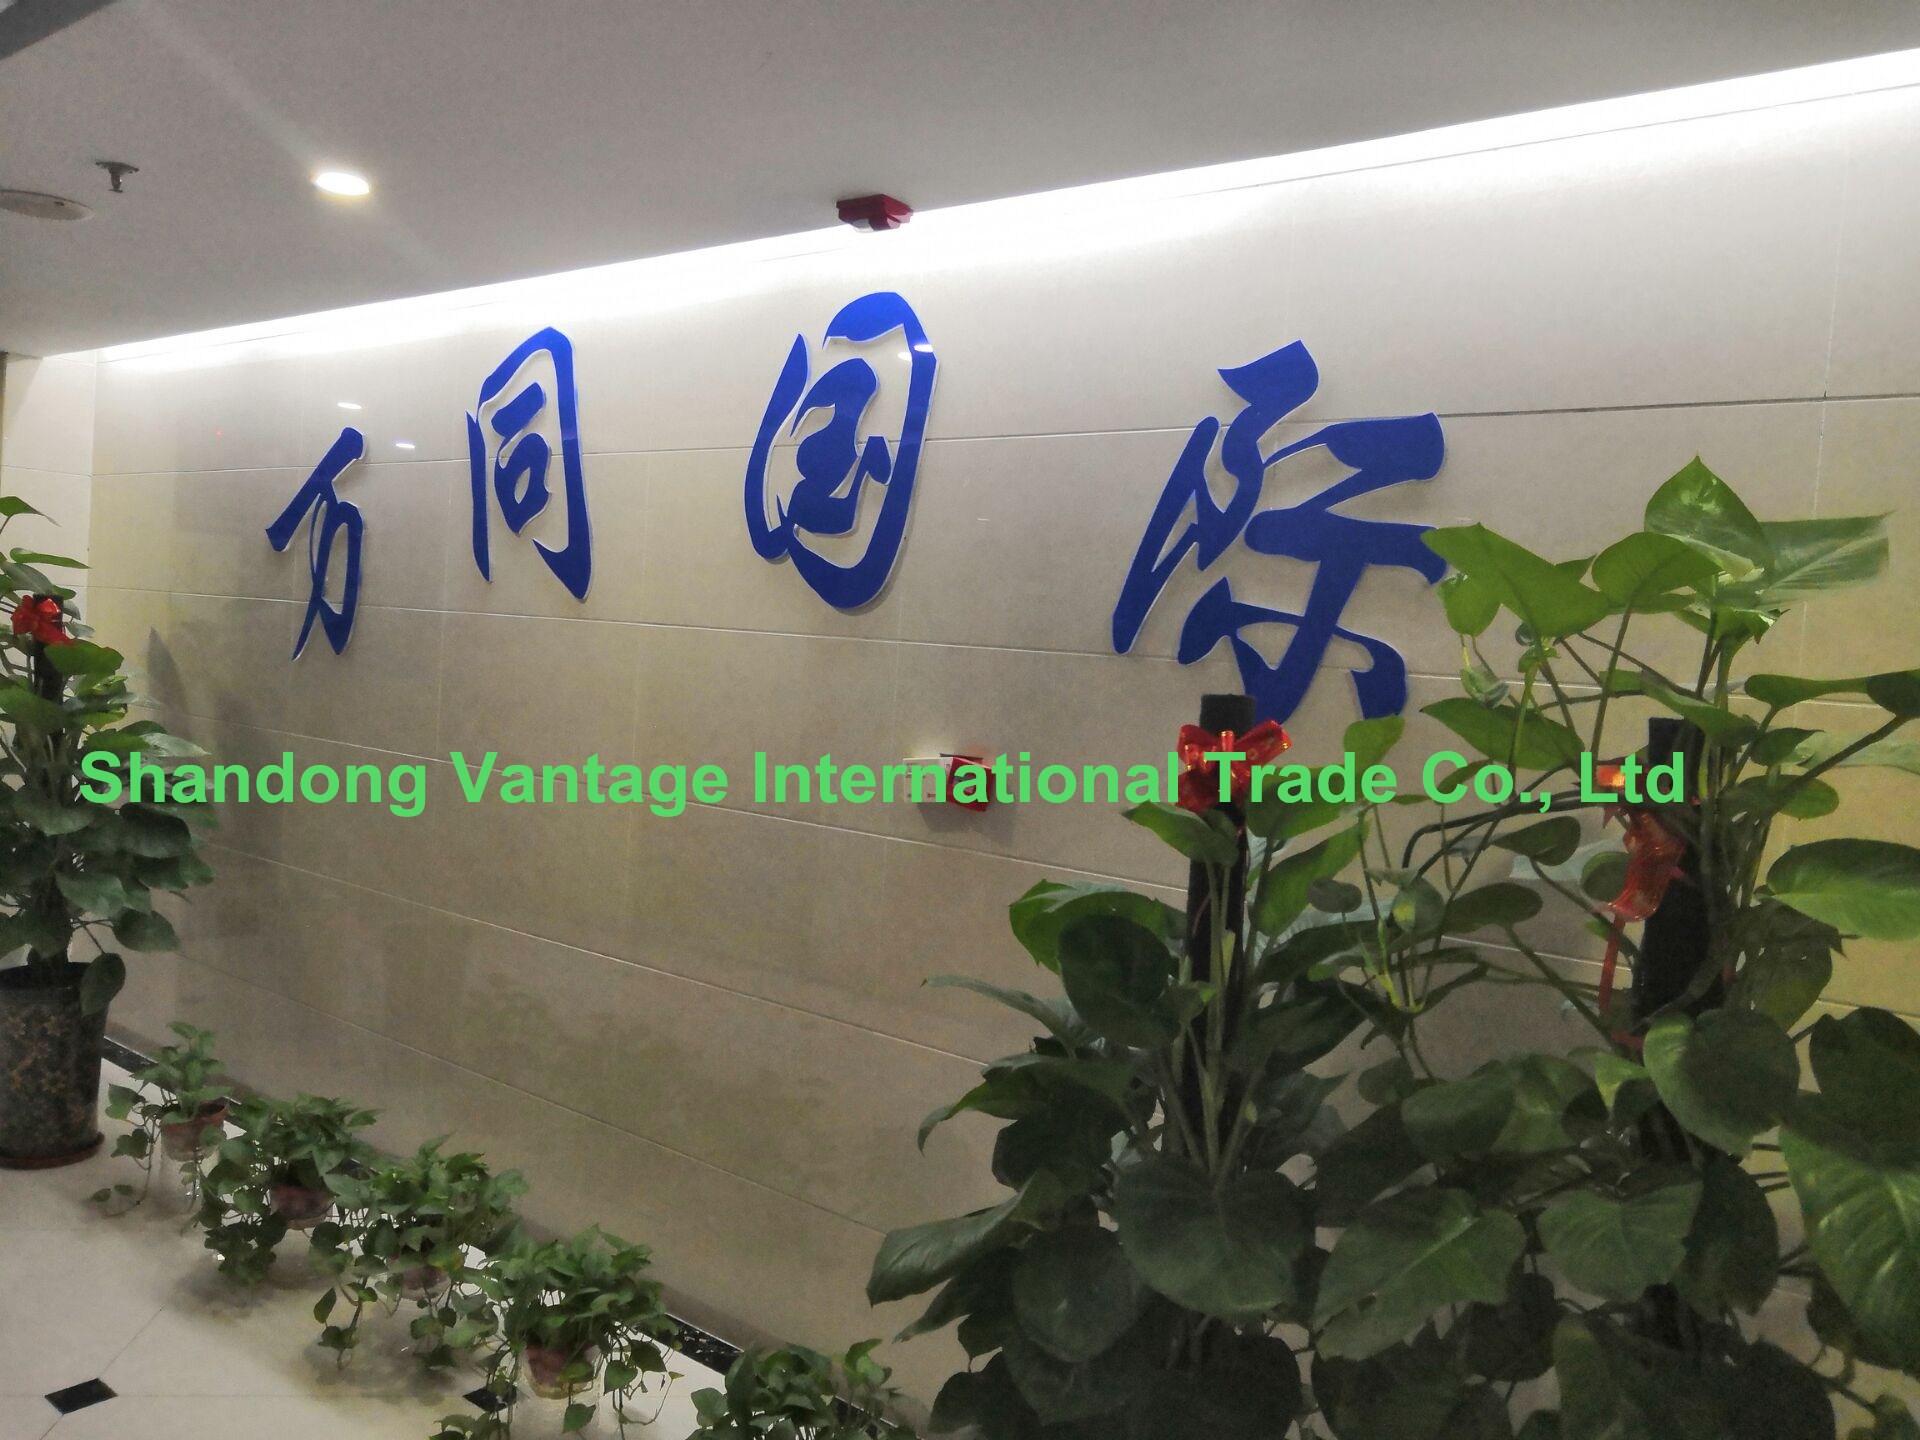 Shandong Vantage